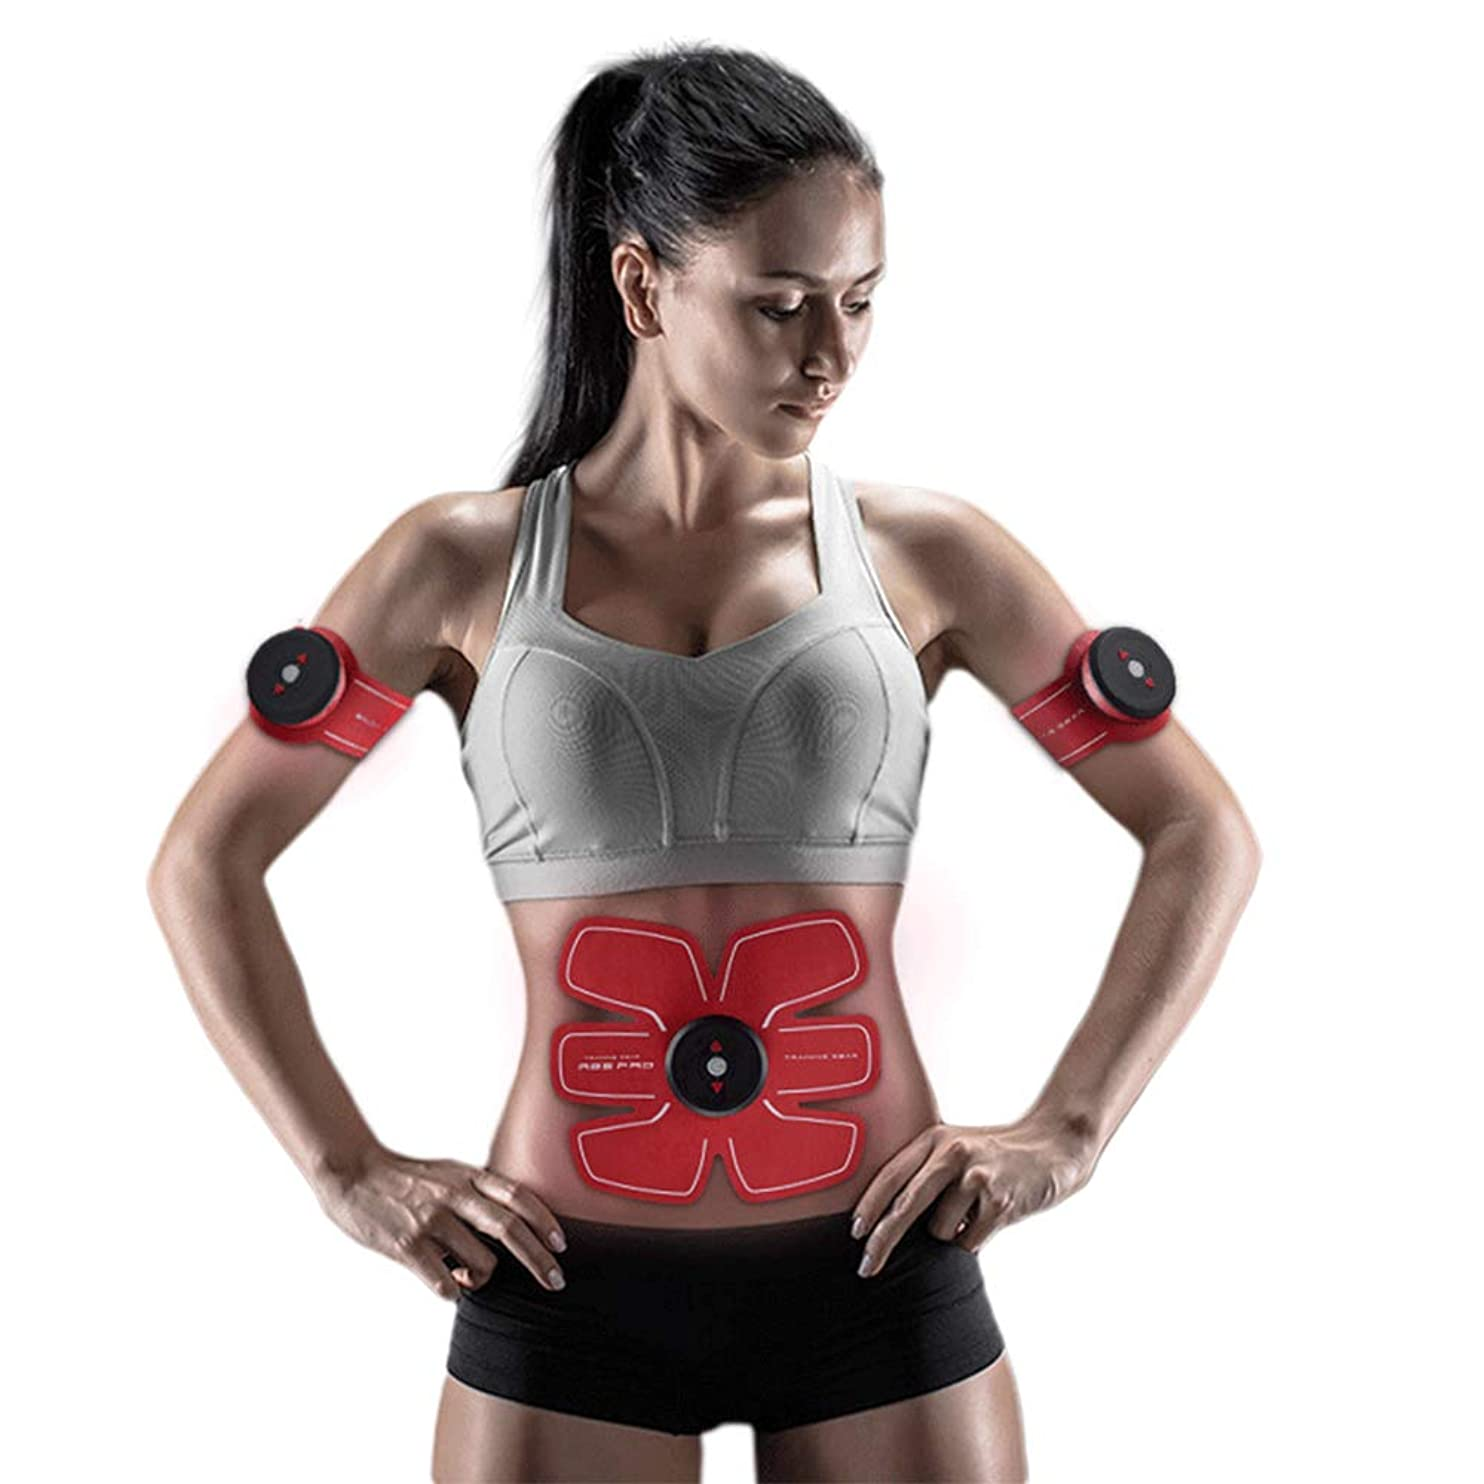 満了所属最大のスマートUSB充電腹部トレーナーEMS筋肉刺激装置リモコンワイヤレスベルト腹部体重減少マッサージスポーツフィットネス機器ユニセックス